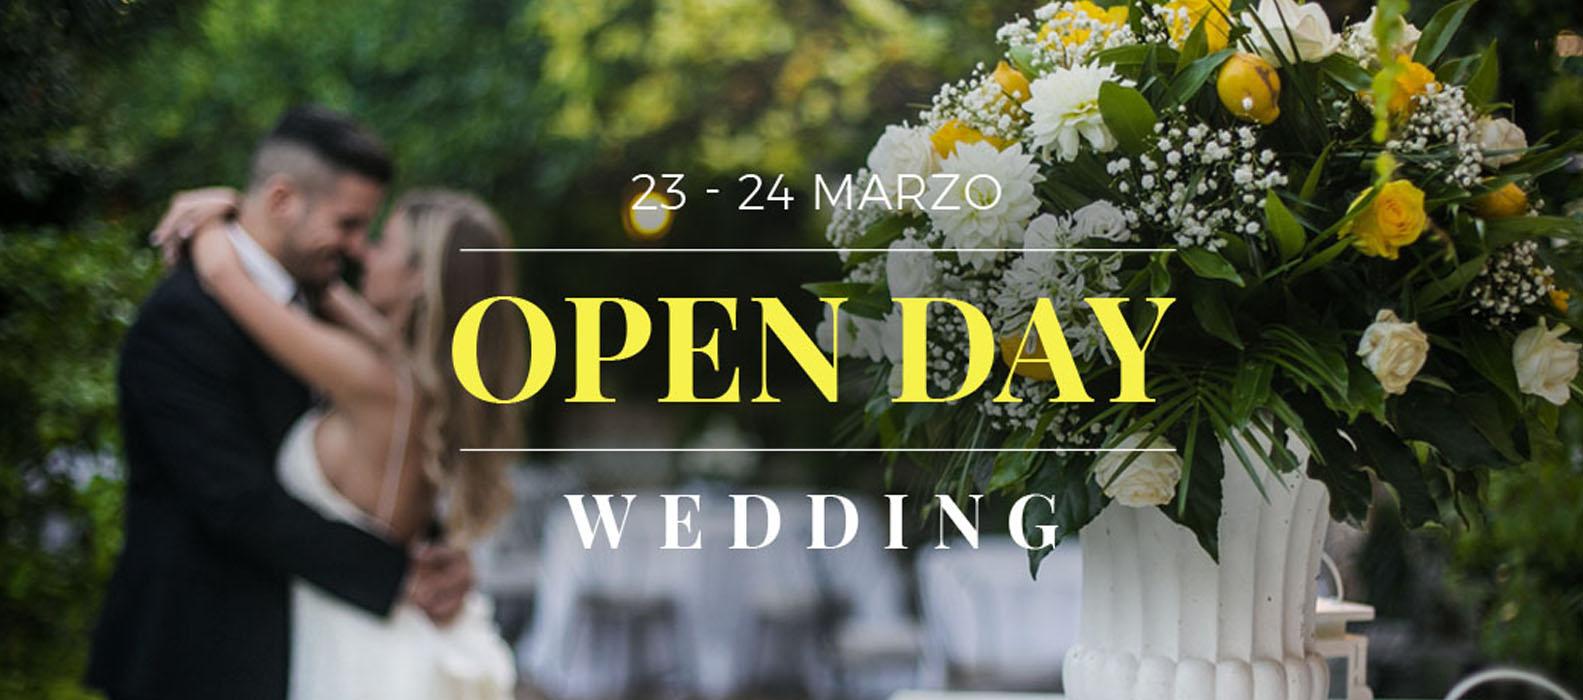 Wedding Open Day dedicato ai futuri sposi  Villa del Vecchio Pozzo